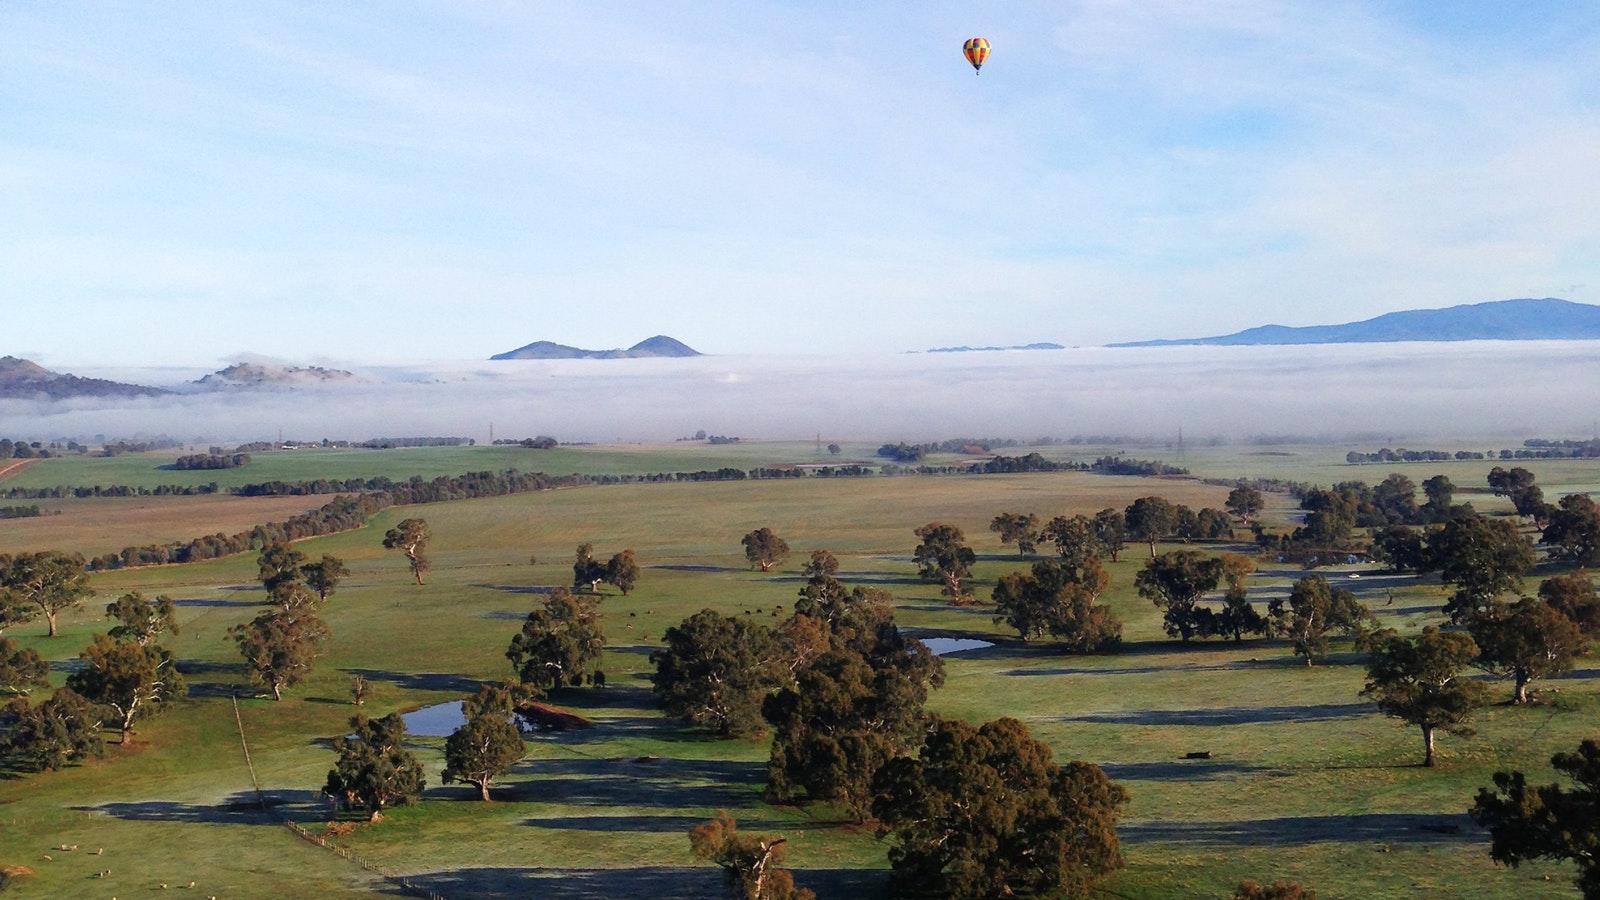 Ballooning in Mansfield